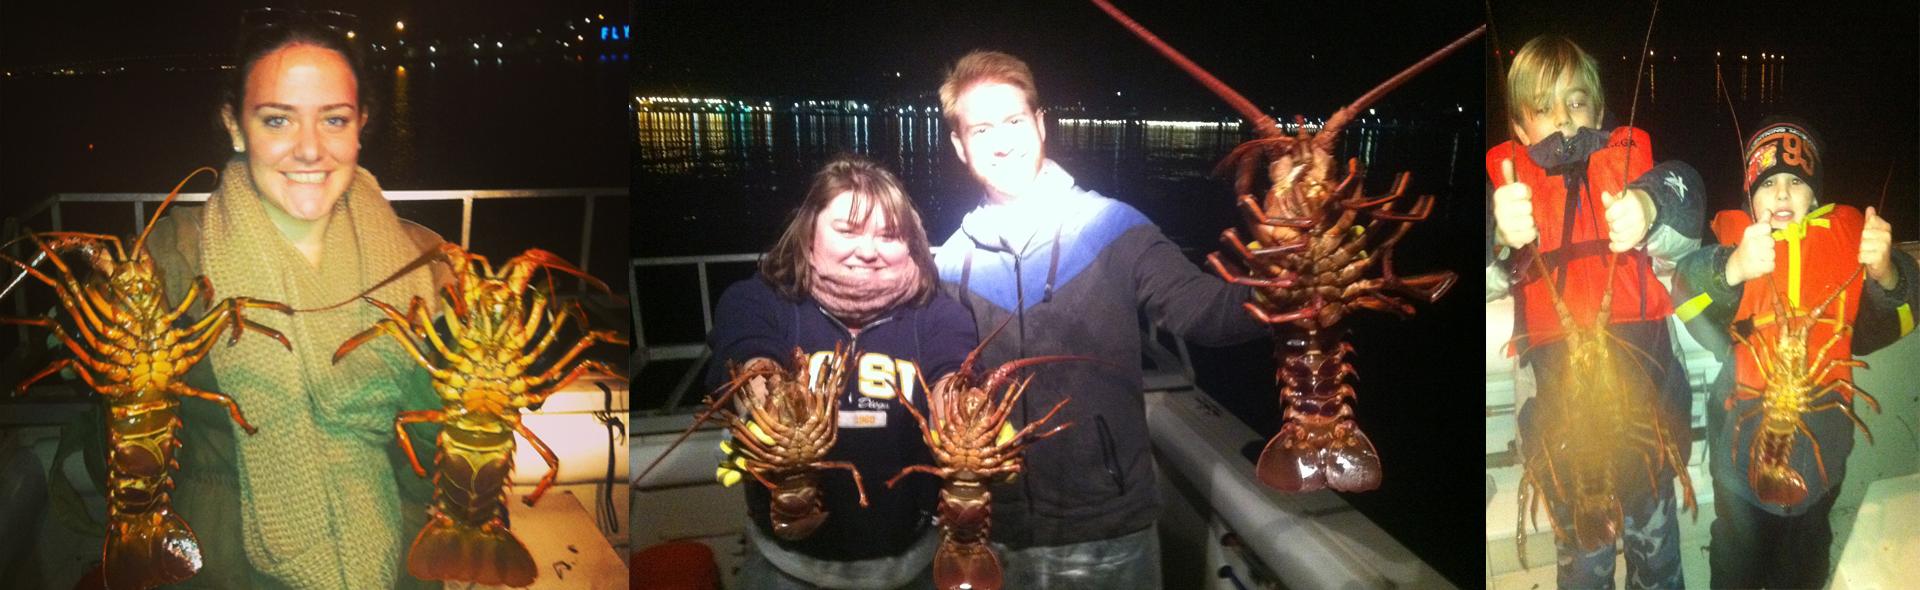 lobster-slider